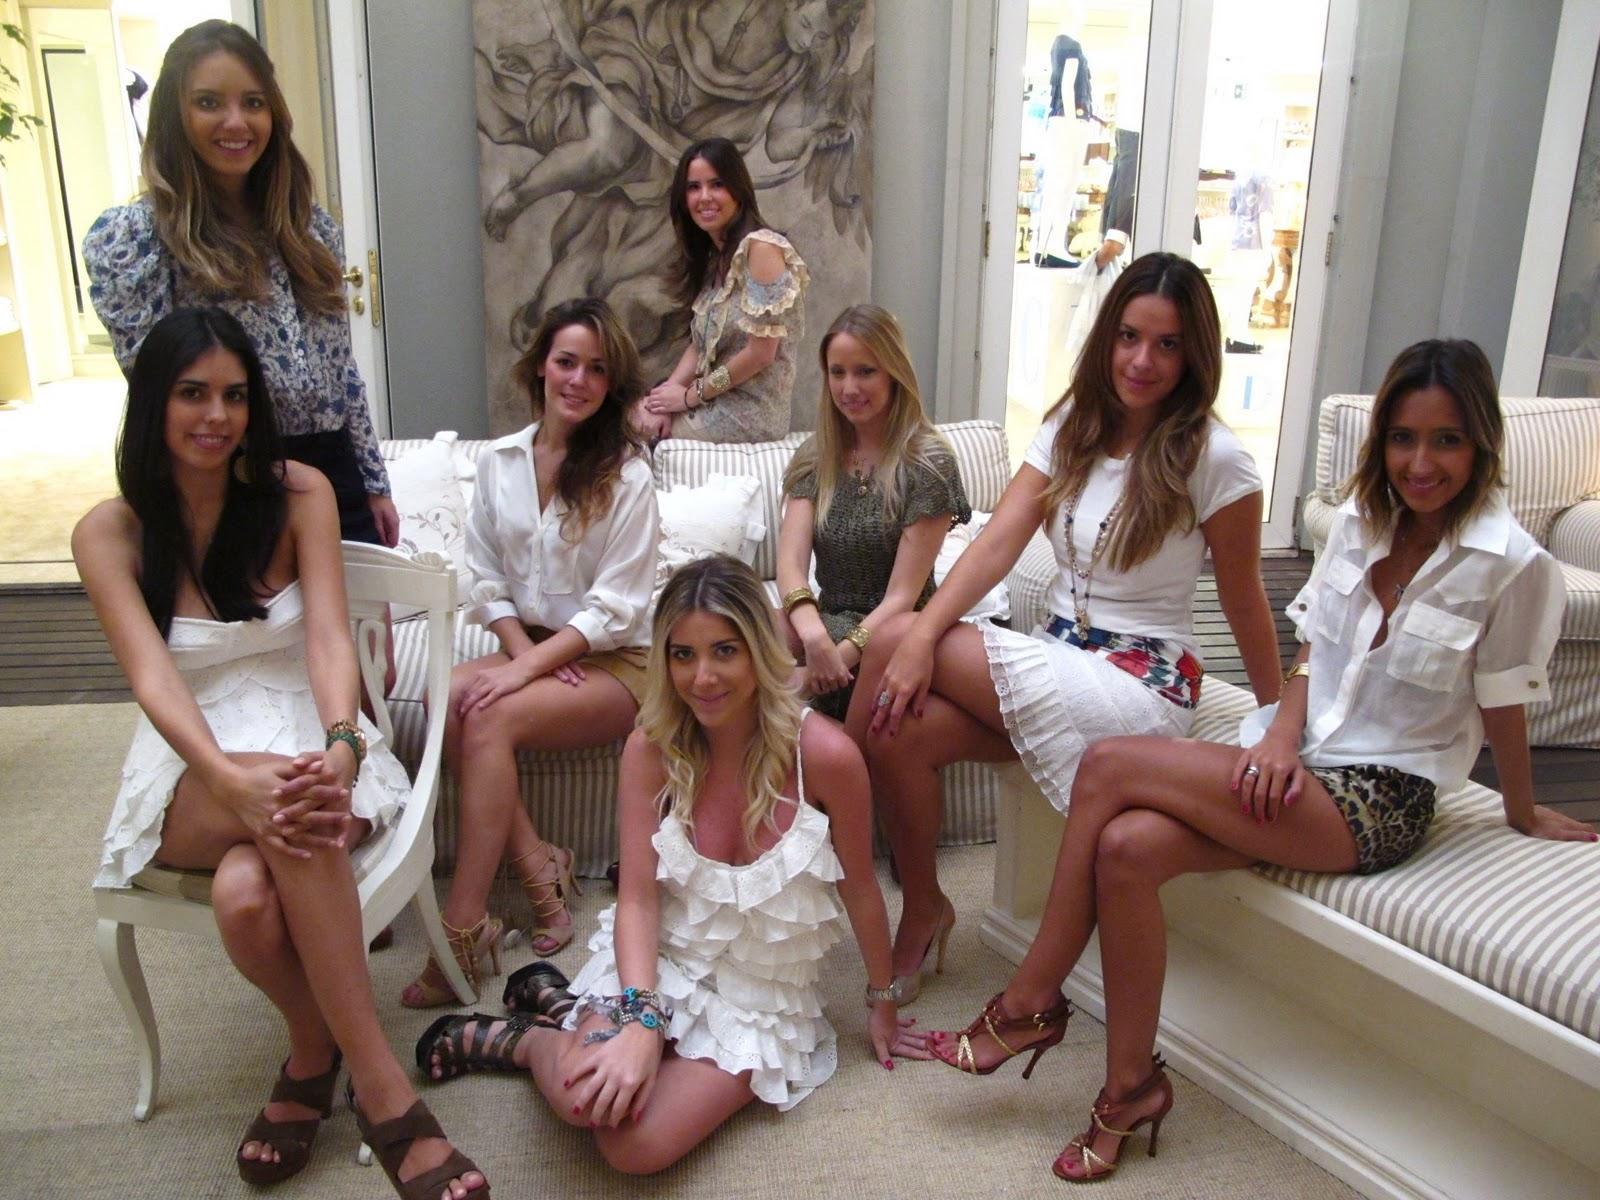 http://3.bp.blogspot.com/_mu77vgtcUyU/TL7-MX4nTYI/AAAAAAAAAbw/bw8KVi5RwYY/s1600/Daslu+Girls+01.jpg